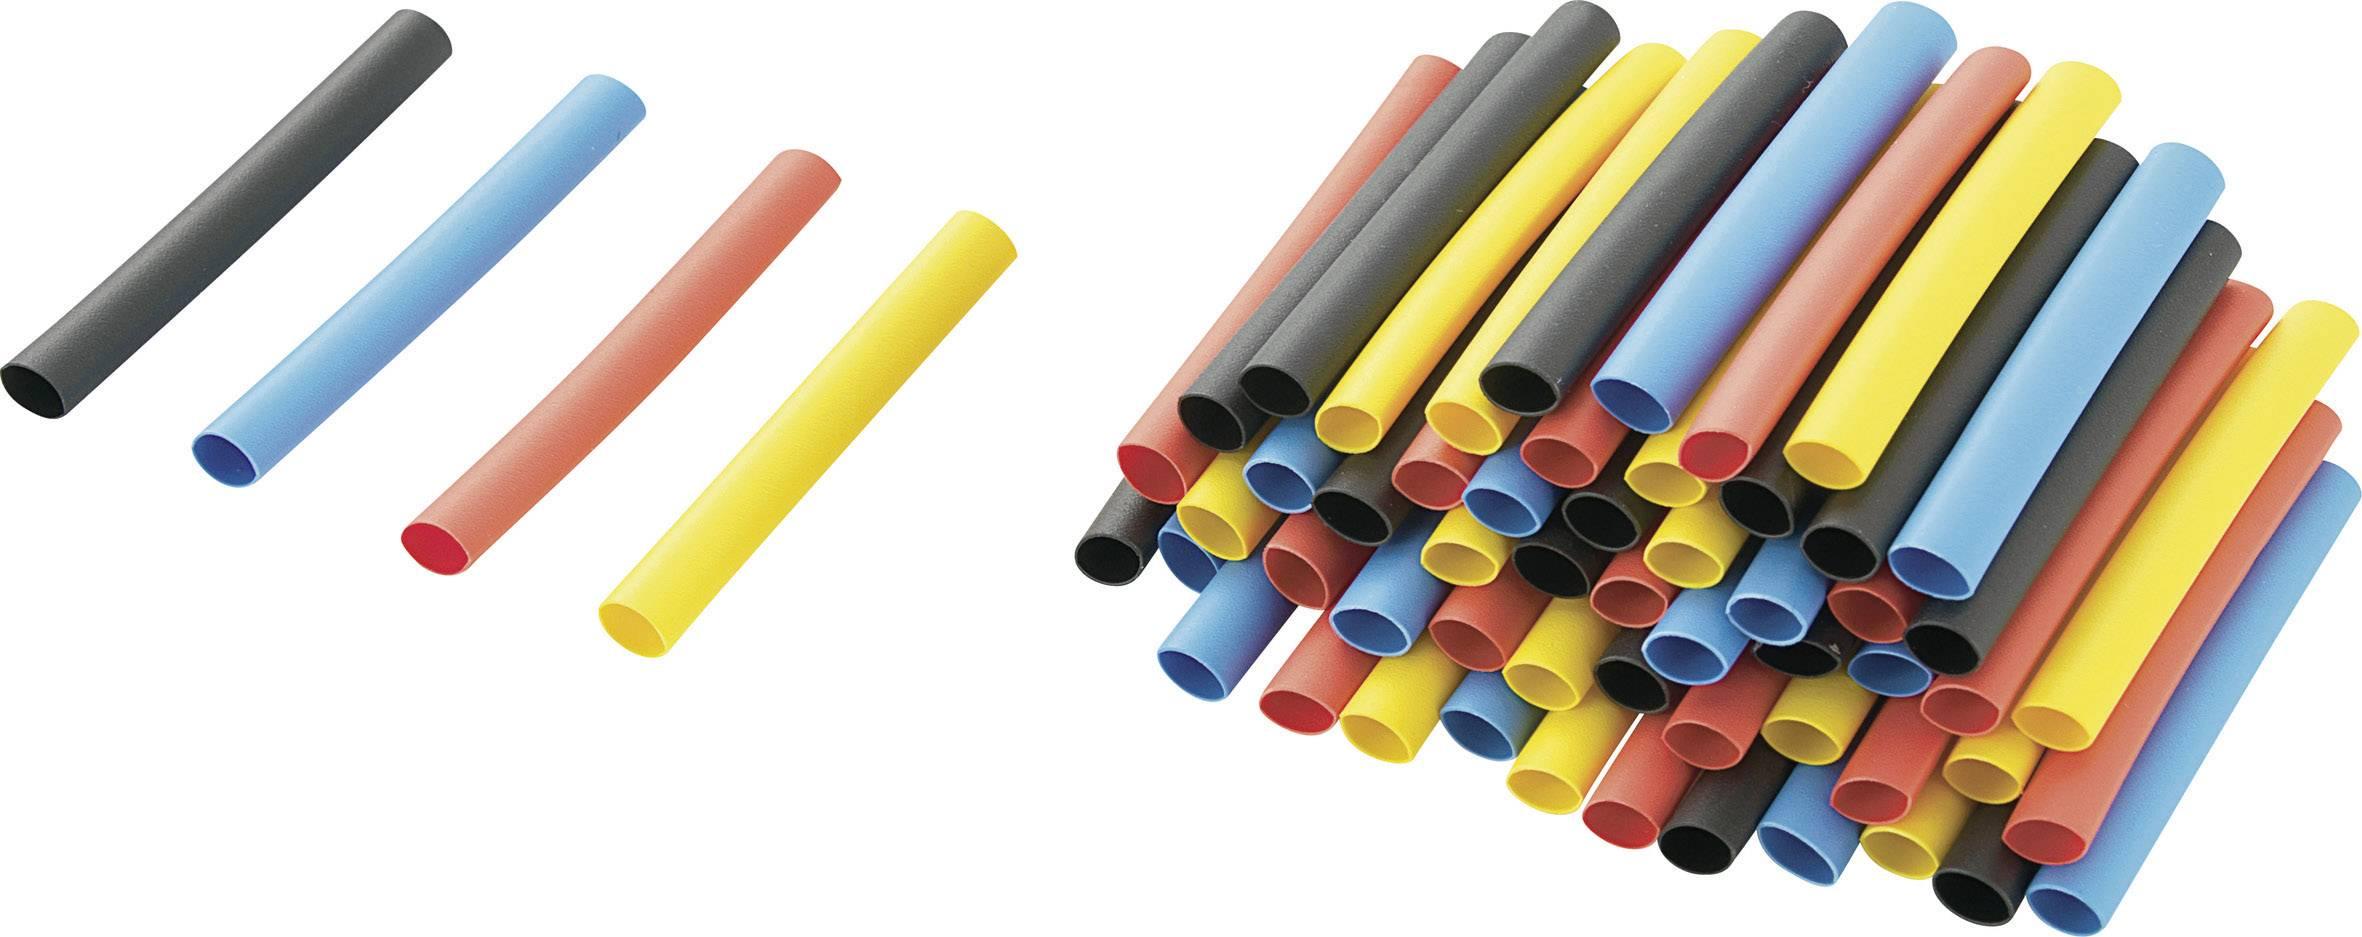 Sada smršťovacích bužírek TRU COMPONENTS RPS4 1570676 2:1, -50 až +125 °C, 3.20 mm, barevná, 80 ks